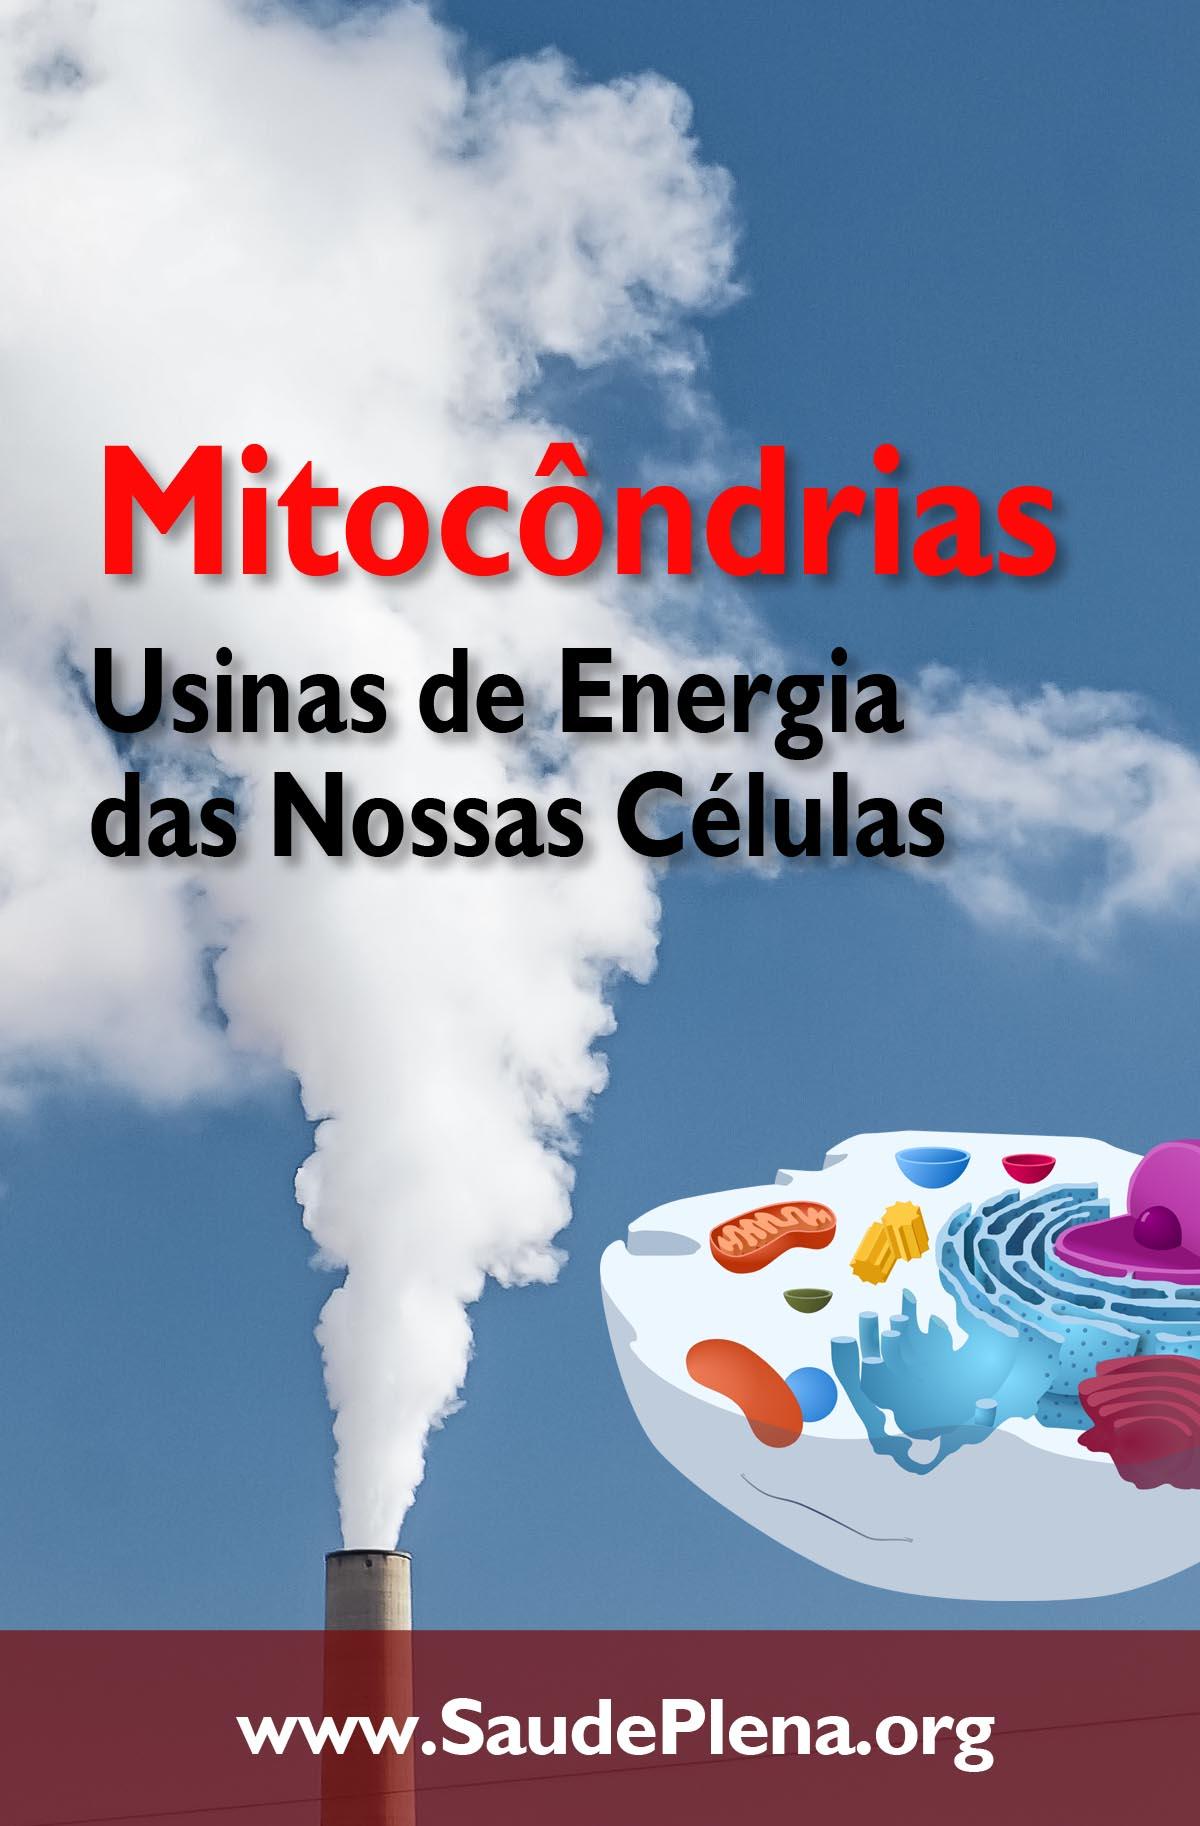 Mitocôndrias - Usinas de Energia das Nossas Células